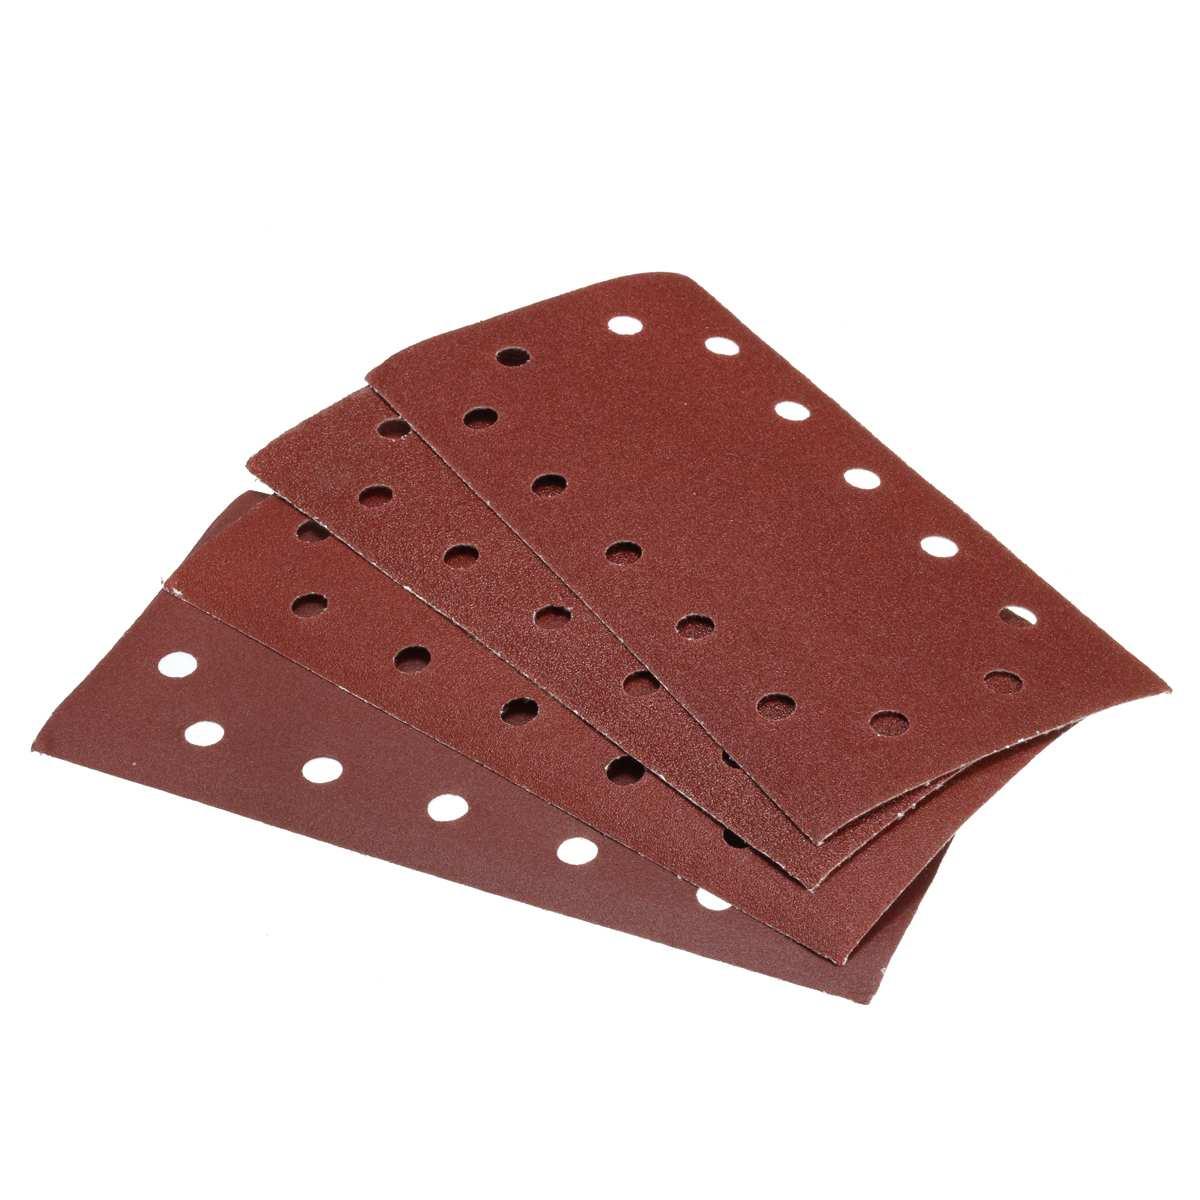 10pcs 115mm X 230mm 14 Holes Abrasive Sanding Paper 60/80/120/240 Grit Sand Paper